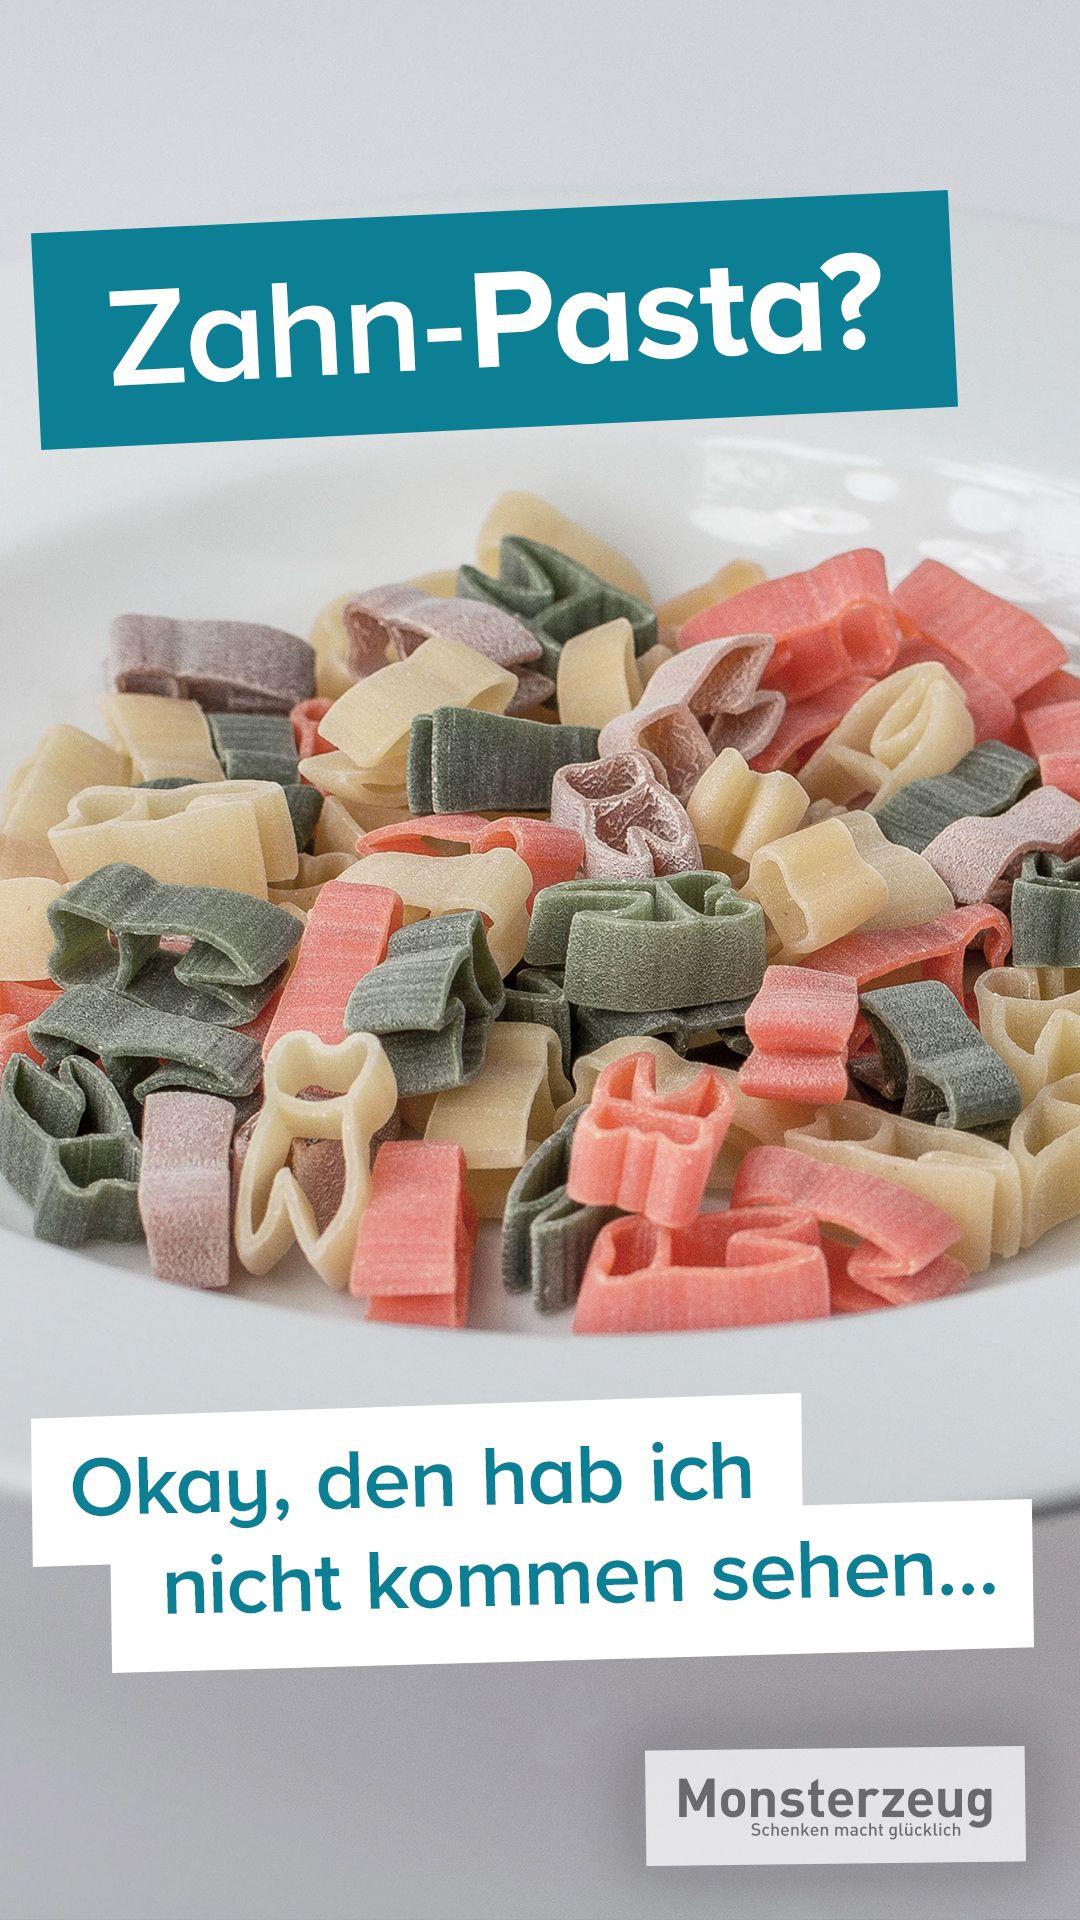 Zahnpasta - Packung Nudeln lustig designt #schrottwichtelnideen